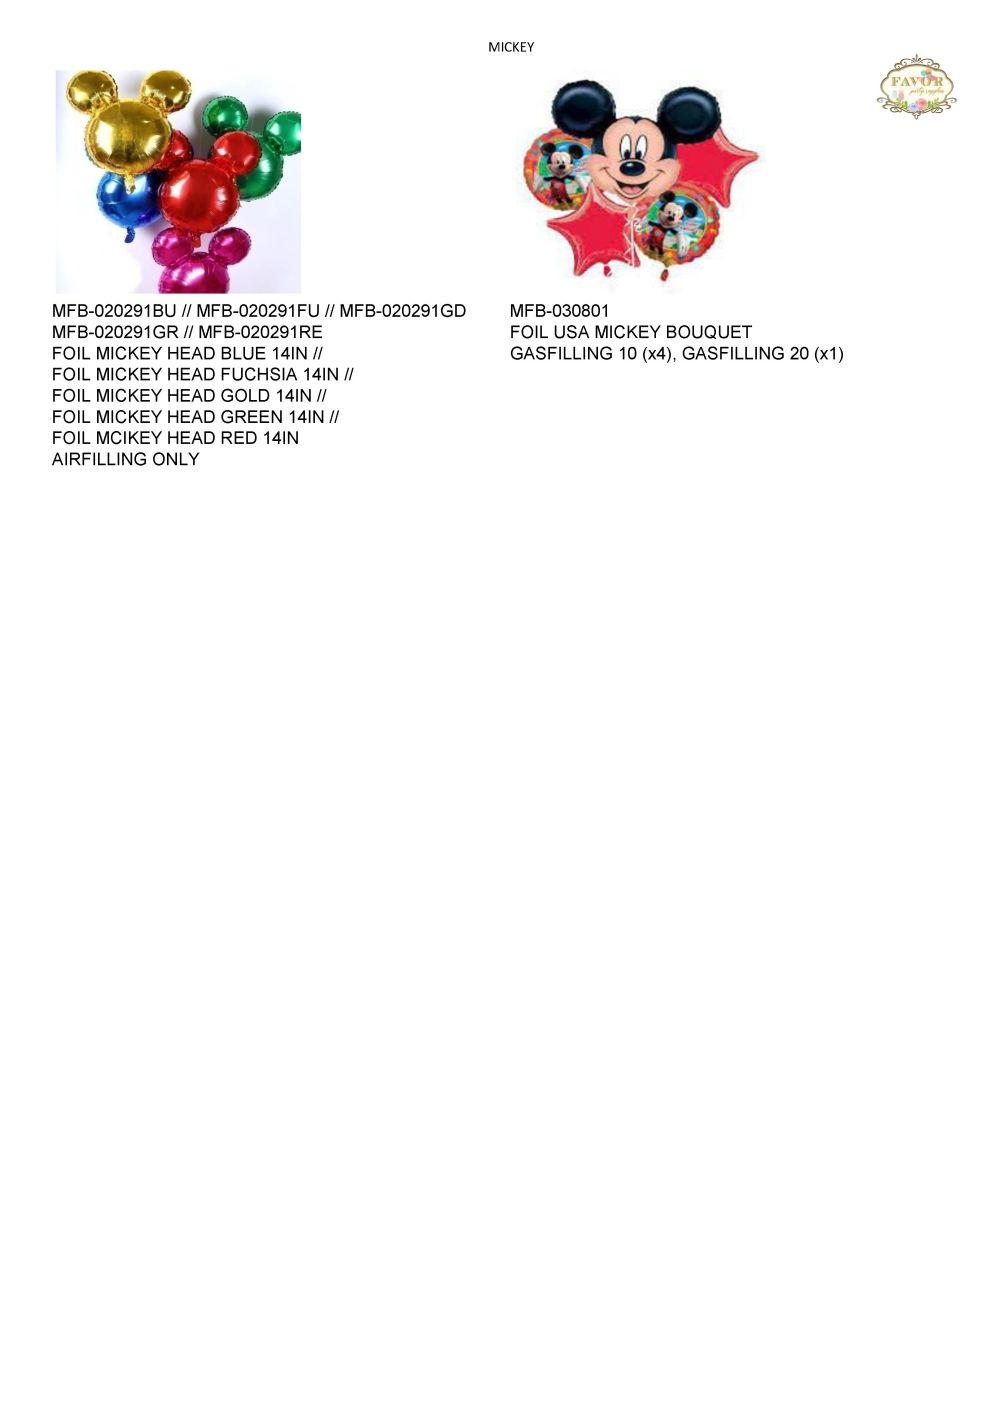 katalog-mickey-3